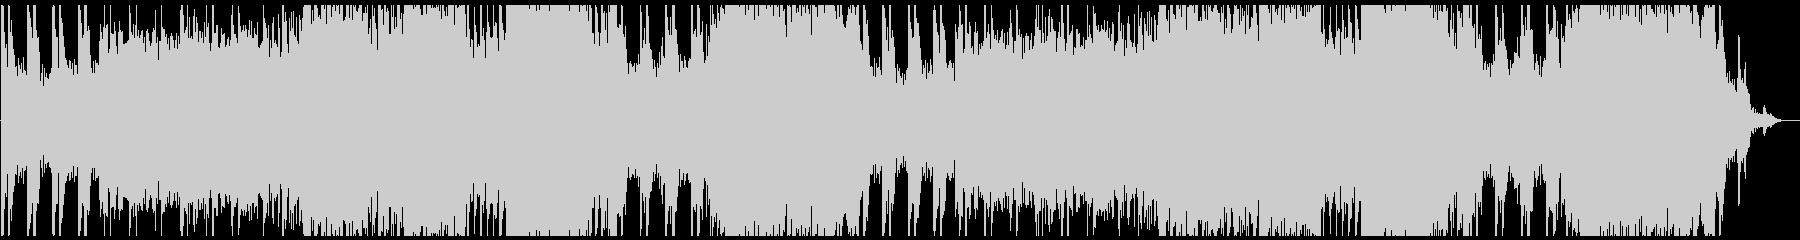 情熱的なオーケストラワルツの未再生の波形